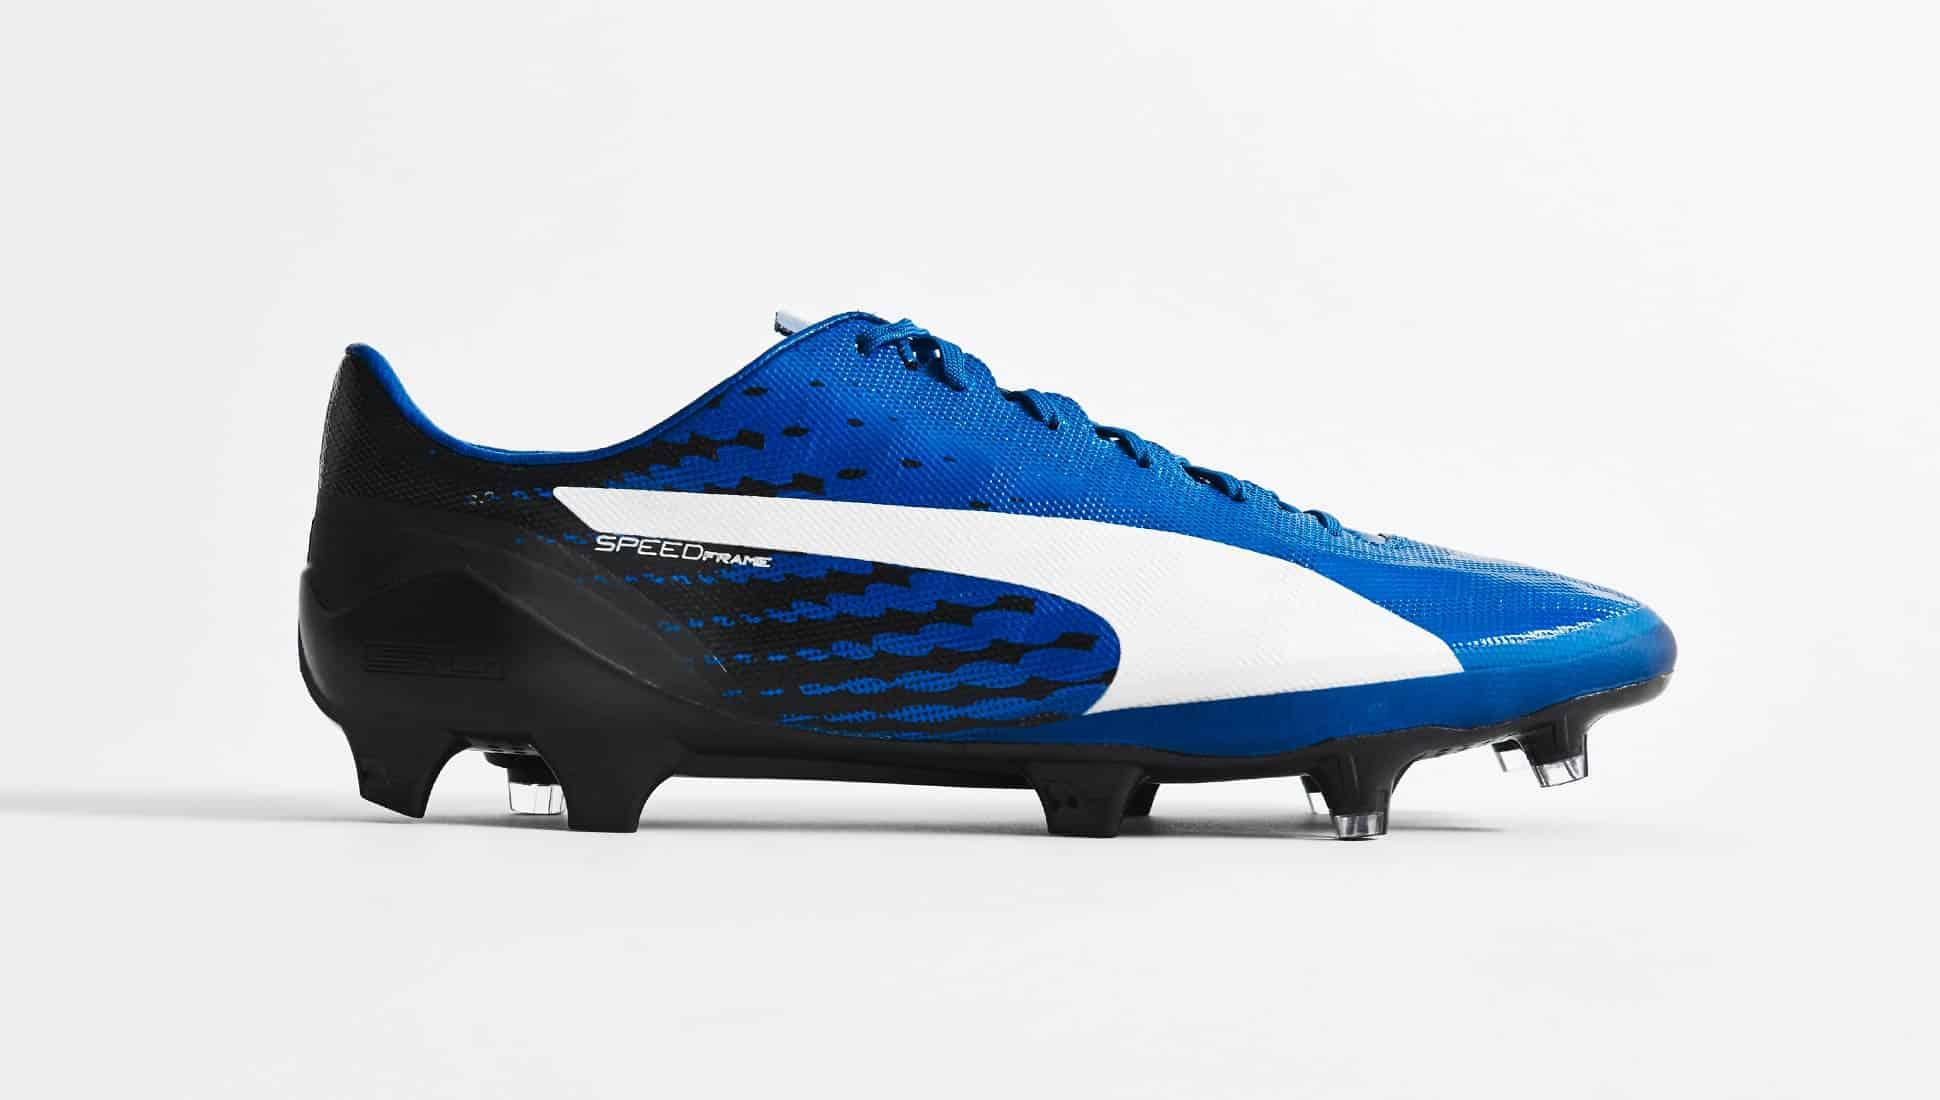 chaussures-football-puma-evospeed-17-sl-bleu-noir-img2